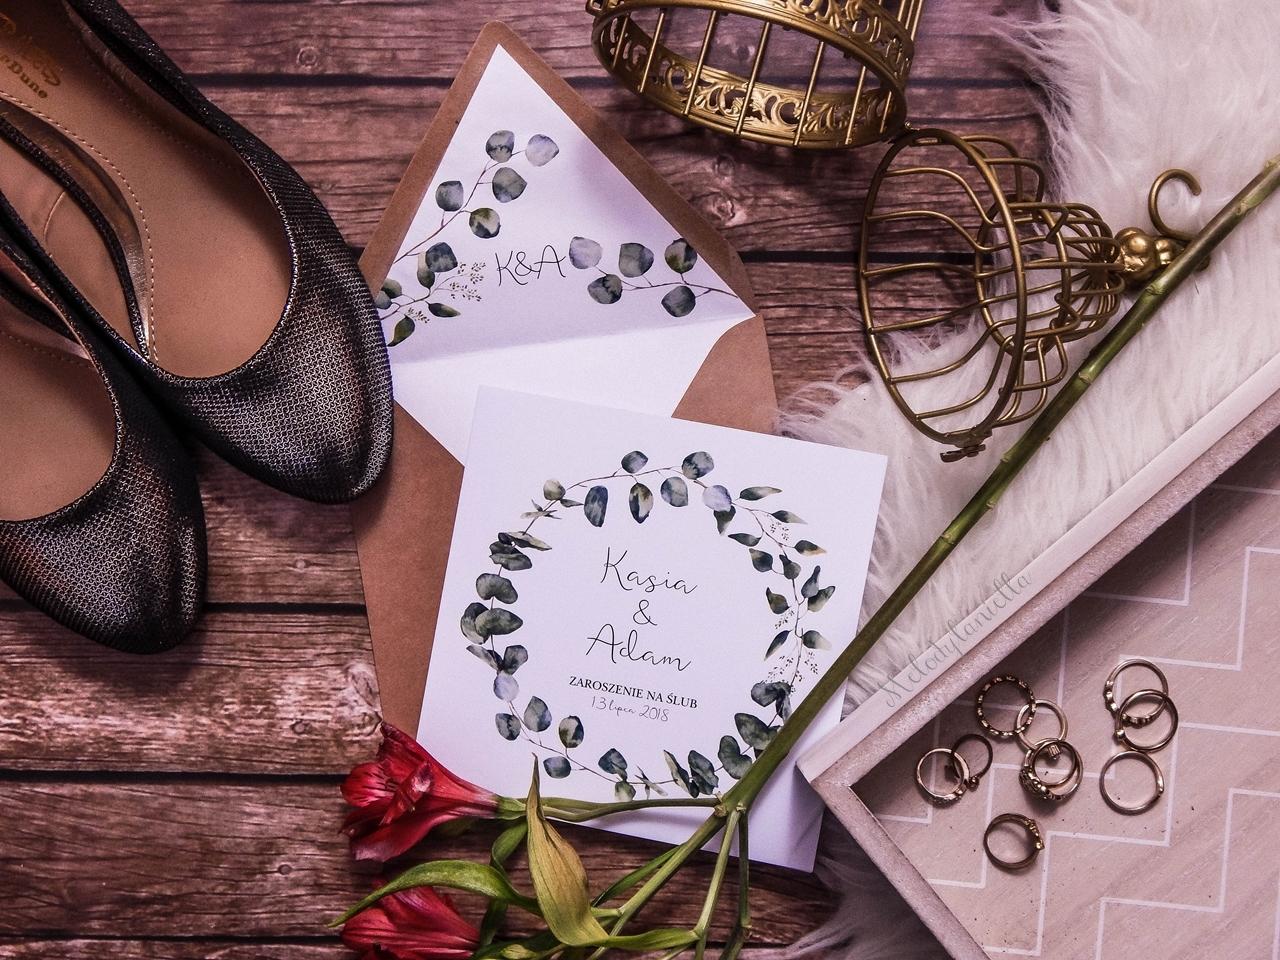 7 jak wybrać zaproszenia na ślub ślubne motyw kolory na ślub motyw przewodni pomysły kolory na wesele pomysł na idealne wesele